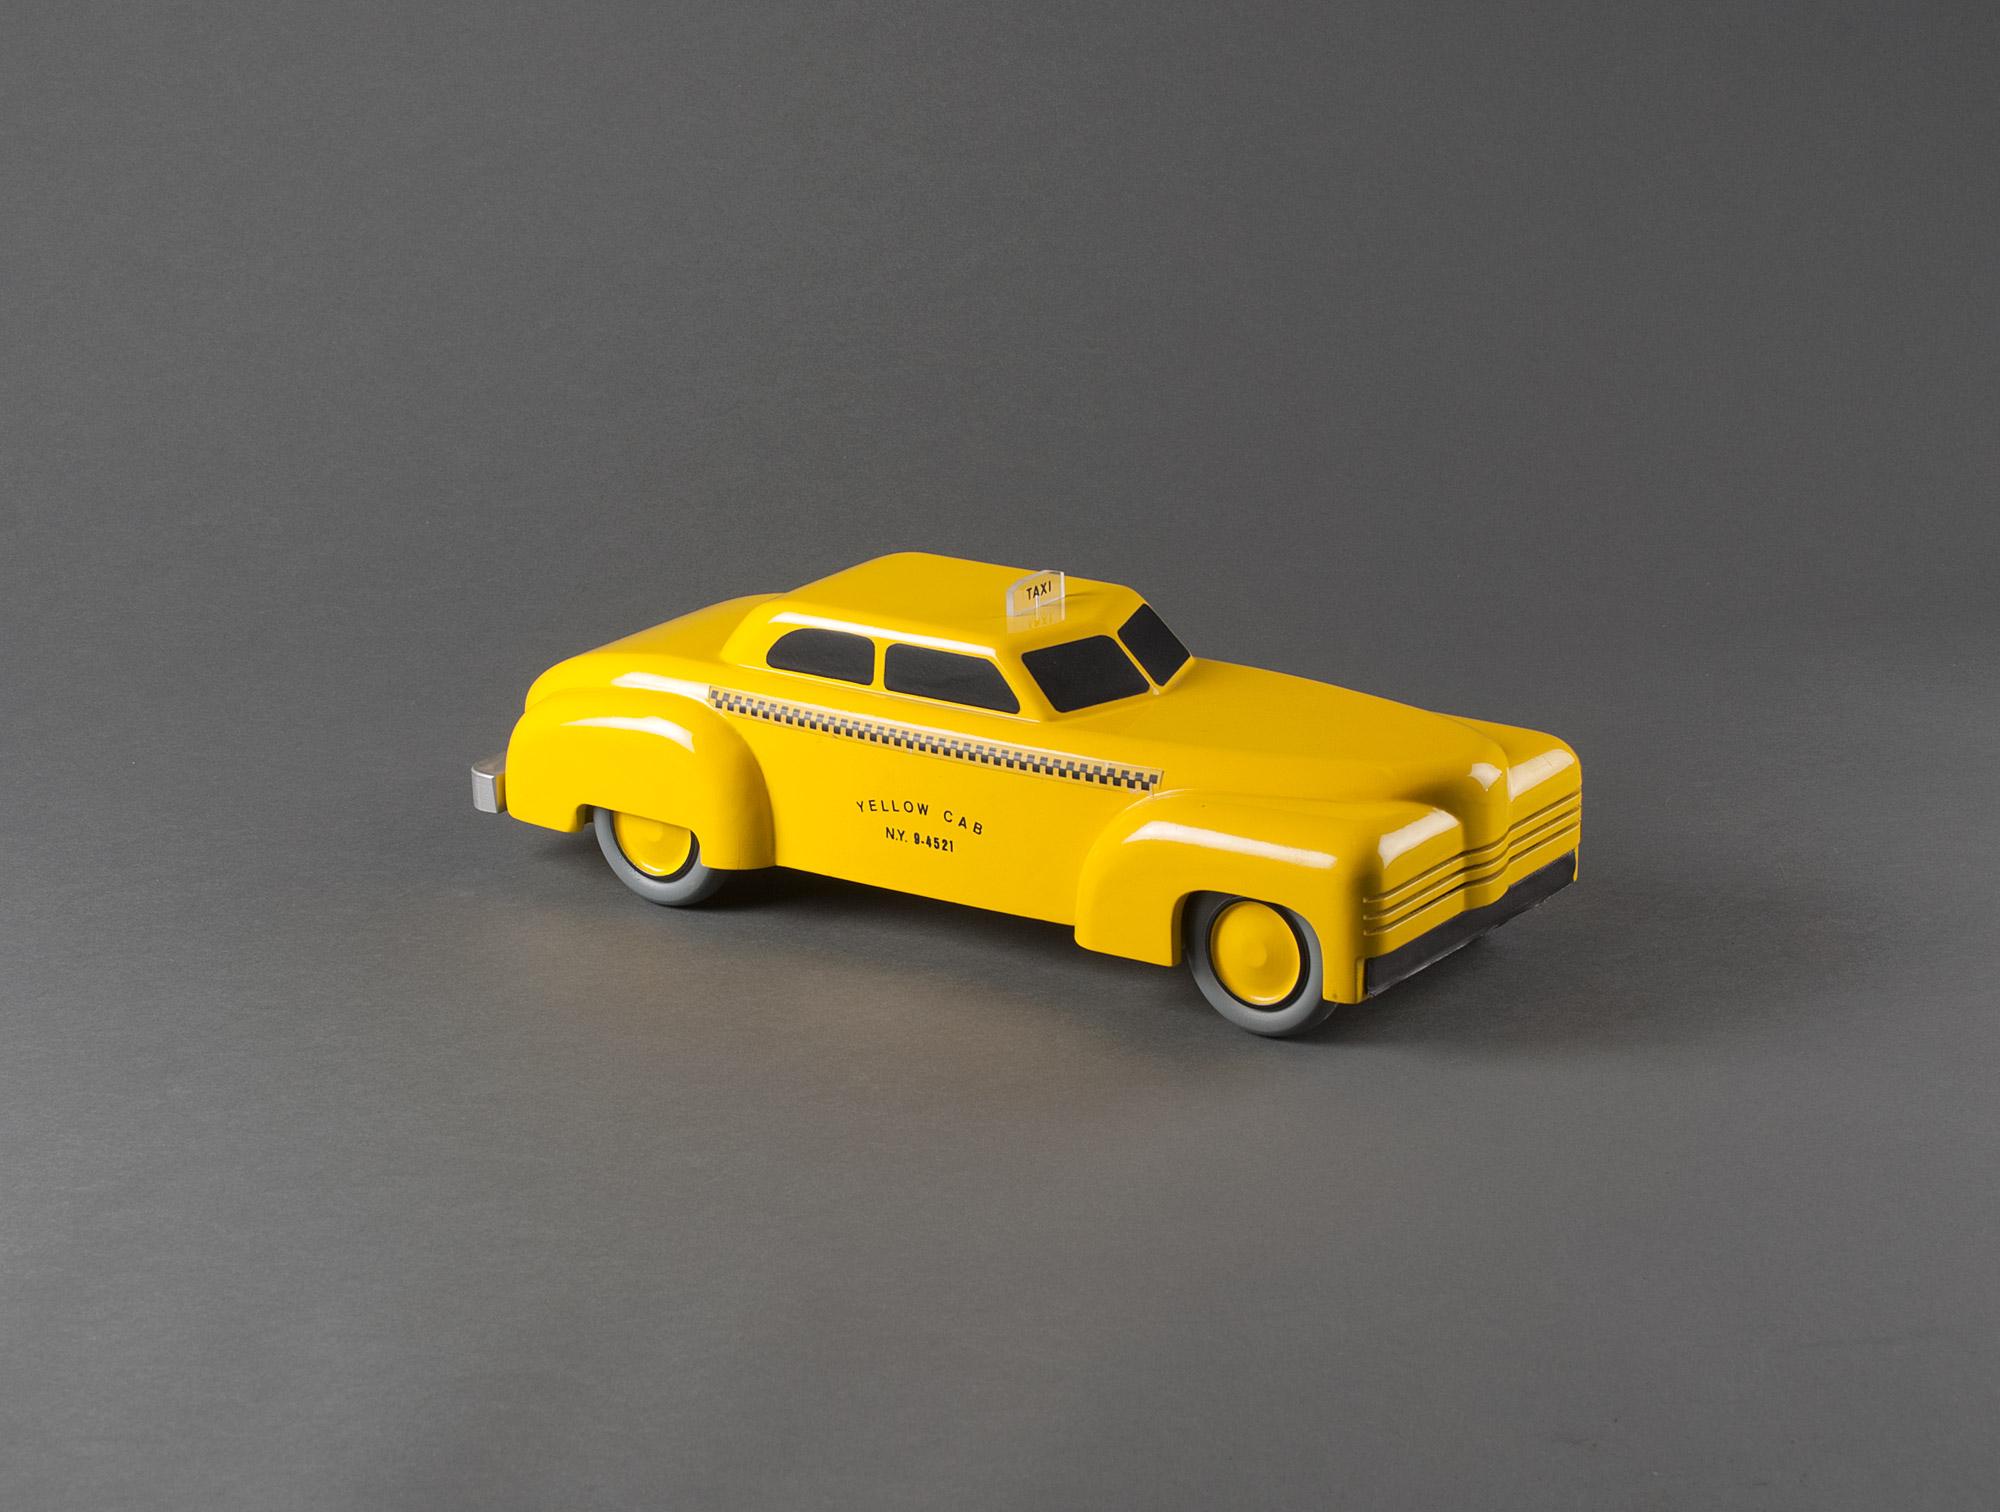 Vilac Jouet Objets Soubrier Louer Déco Xxe Américain Taxi 5j4A3RL